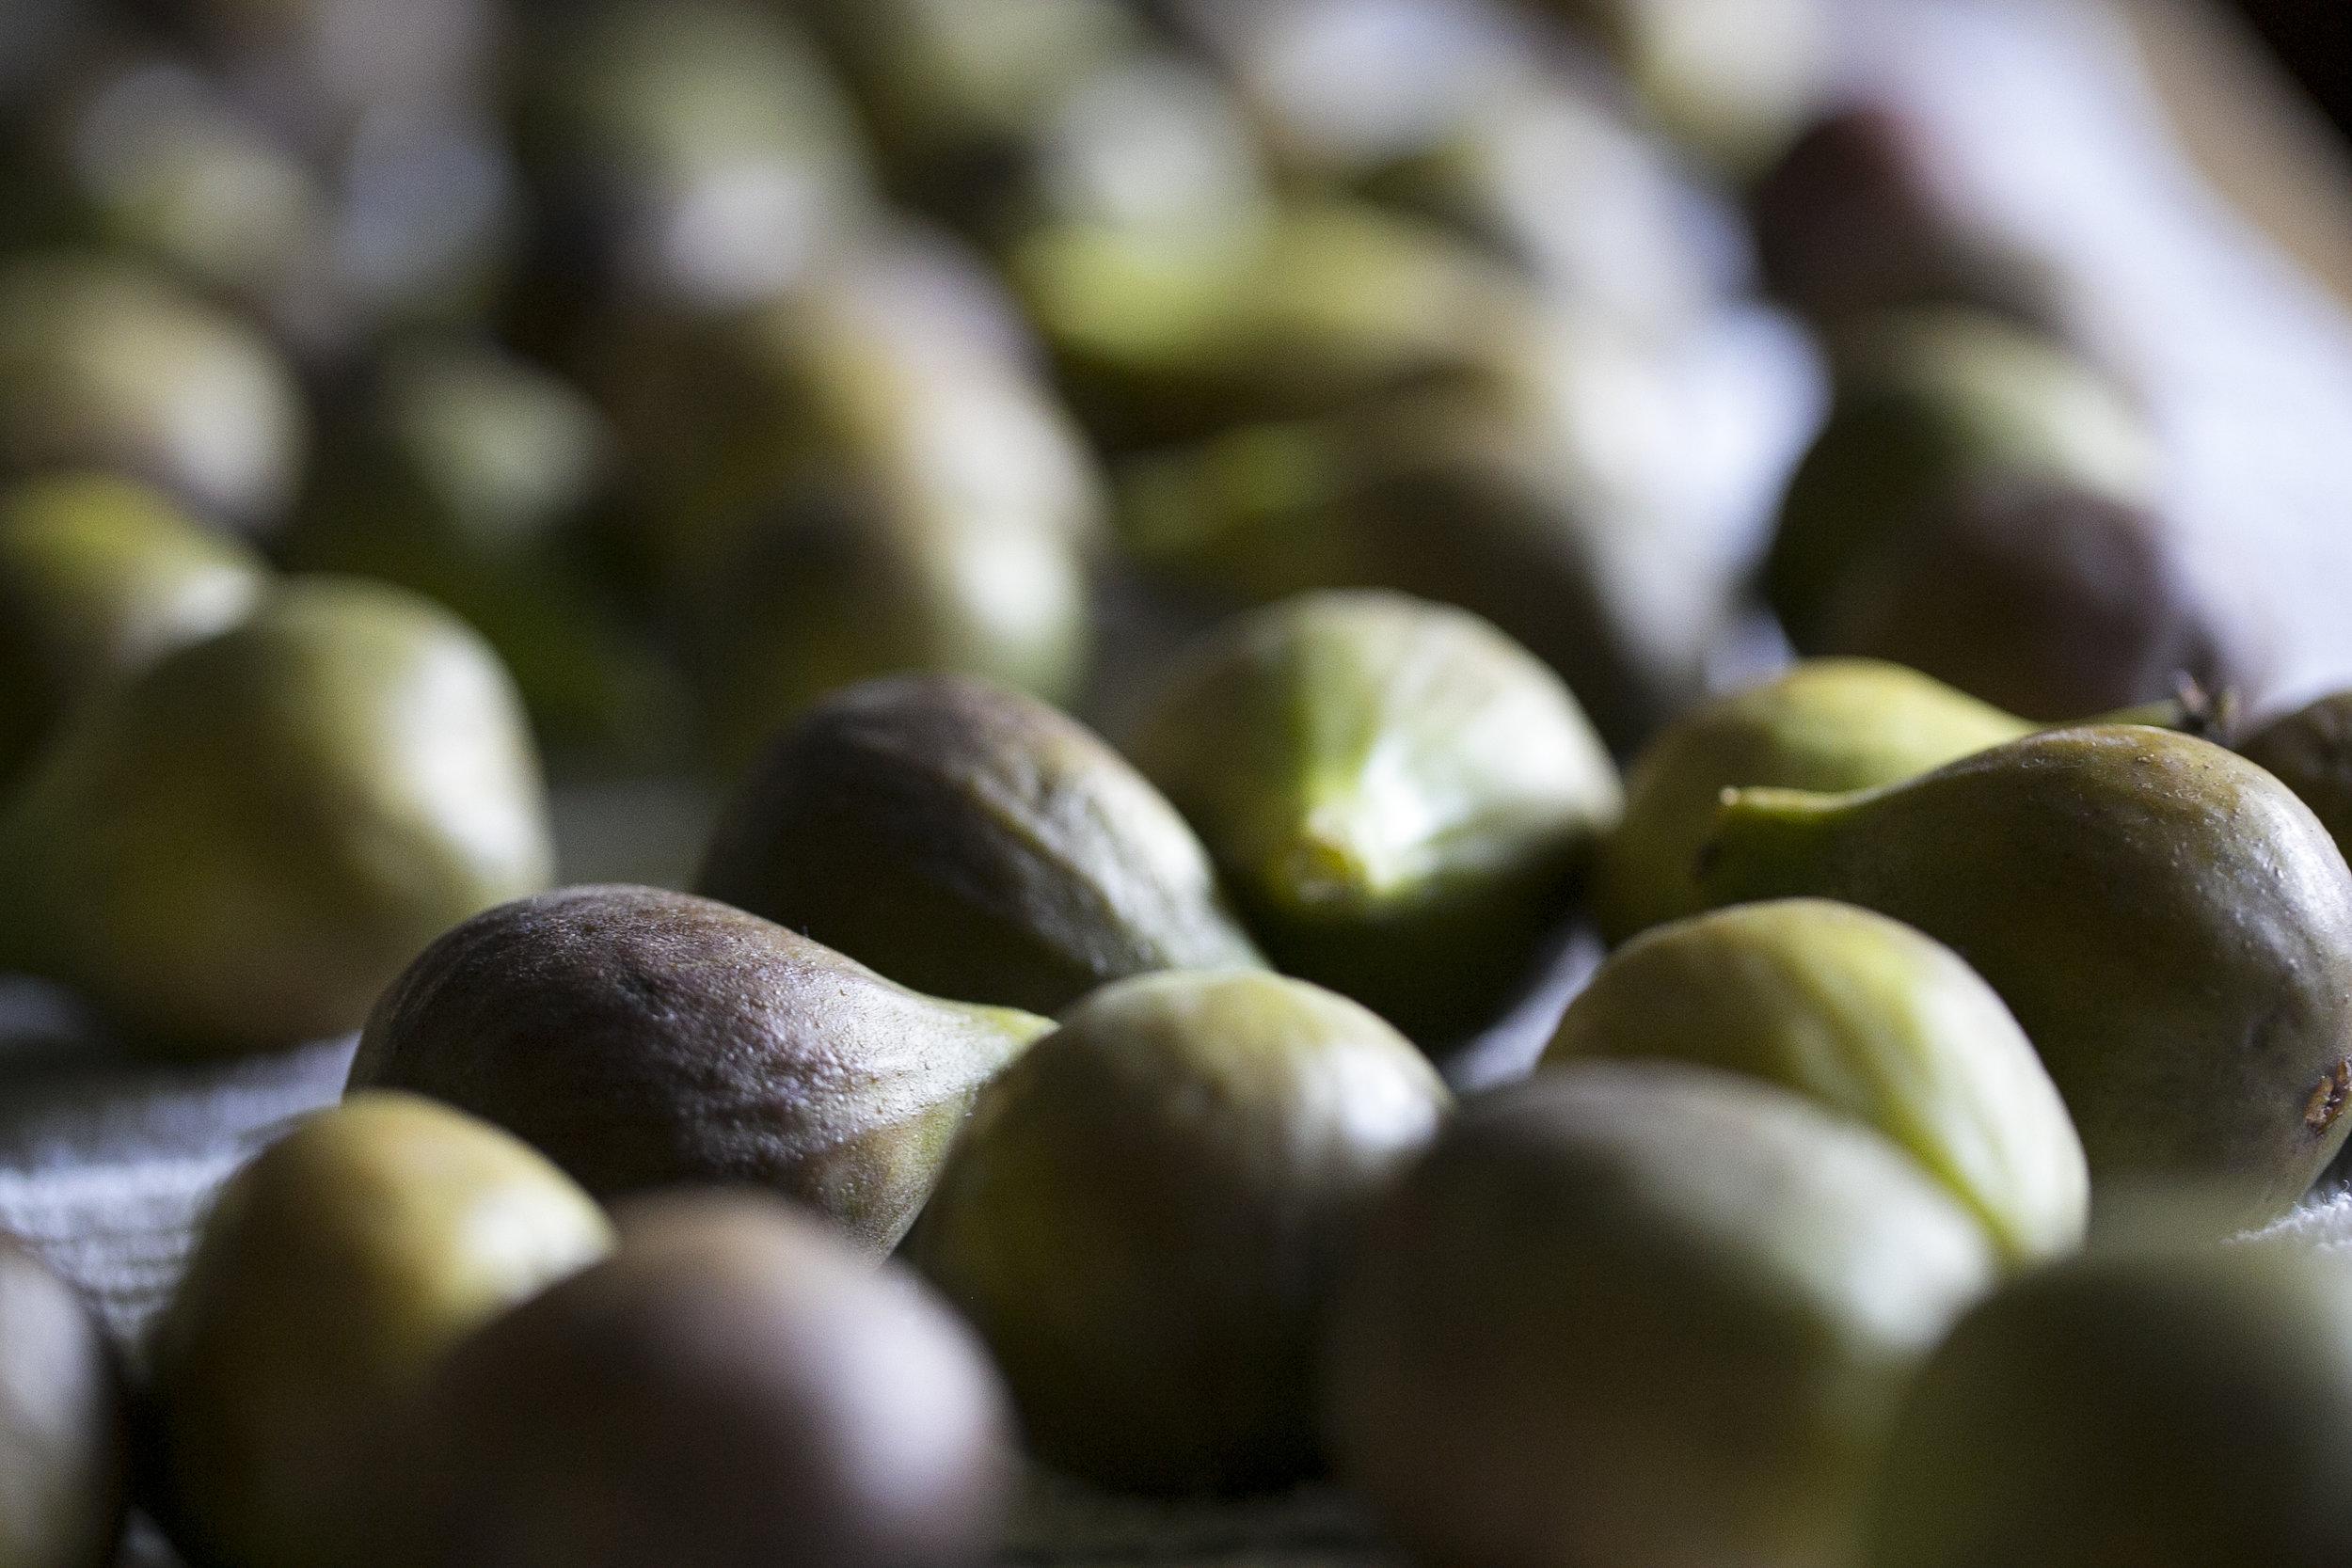 Figs-2.jpg